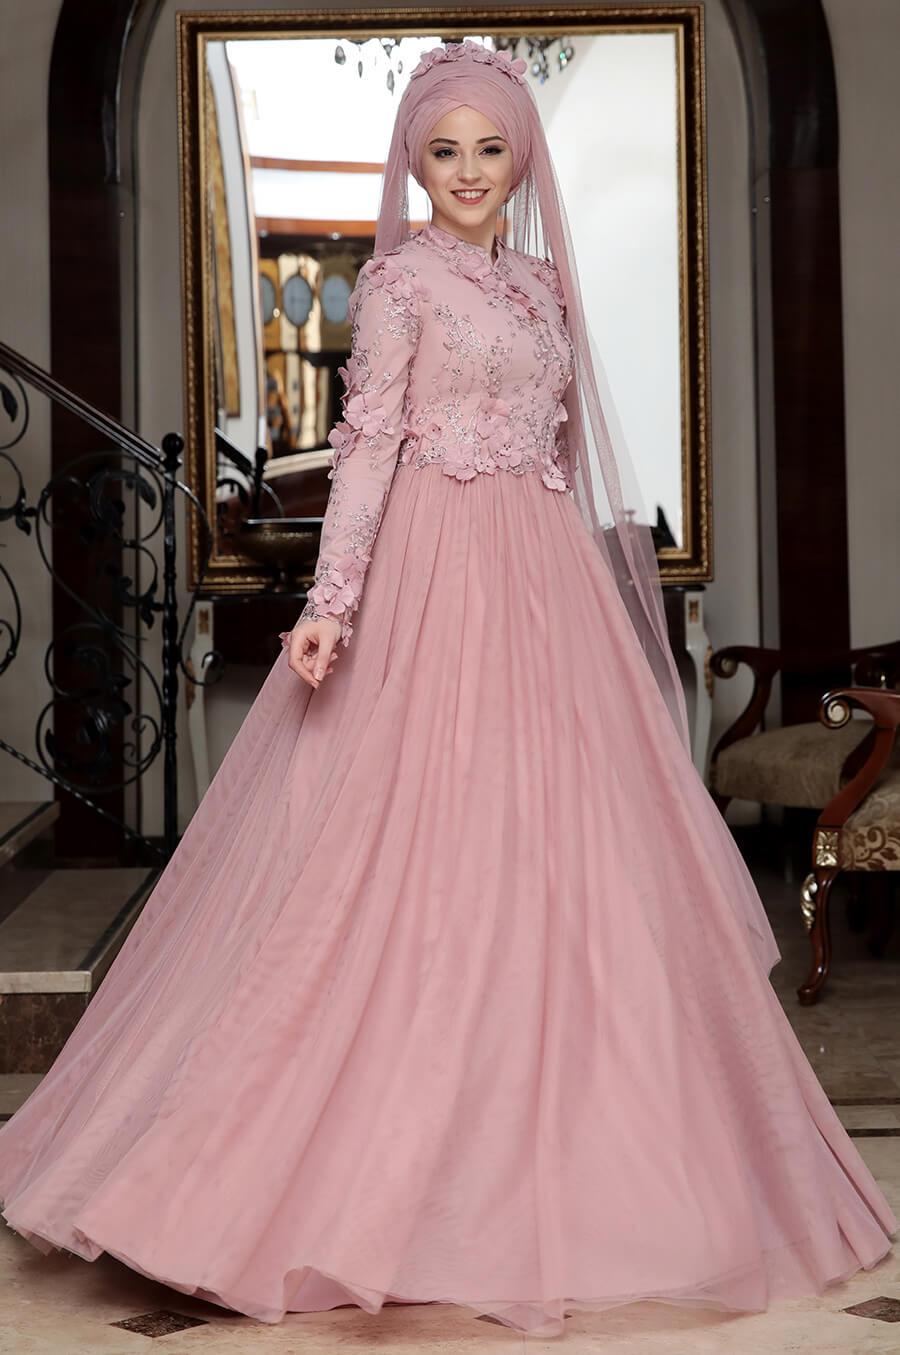 بالصور فستان سواريه , احدث صور الفساتين السواريه 5282 7